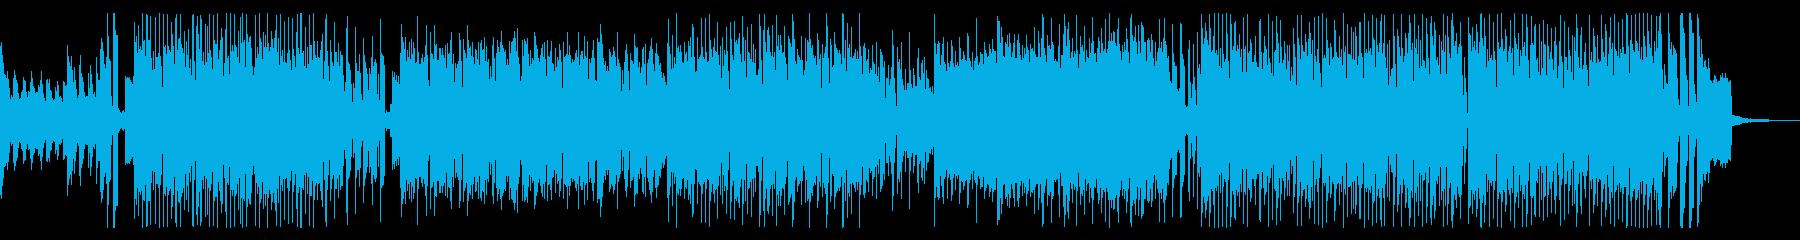 軽快でかっこいいリズミカルなテクノポップの再生済みの波形